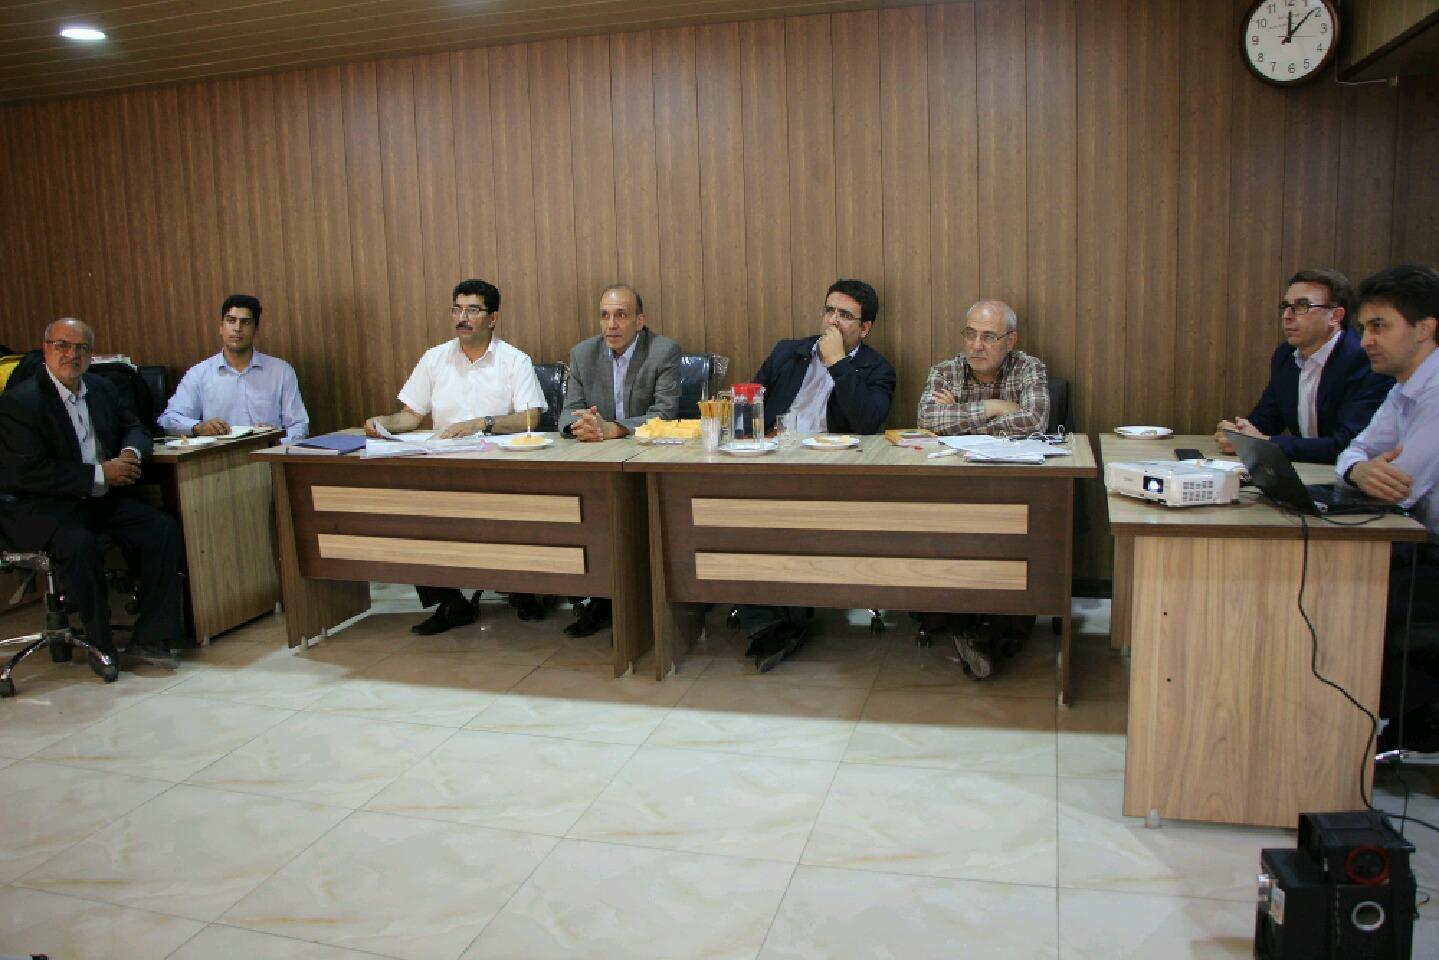 🔴جلسه رسیدگی به مشکلات گروه صنعتی مپنا در دیدار قائم مقام این گروه با آقای حاجی